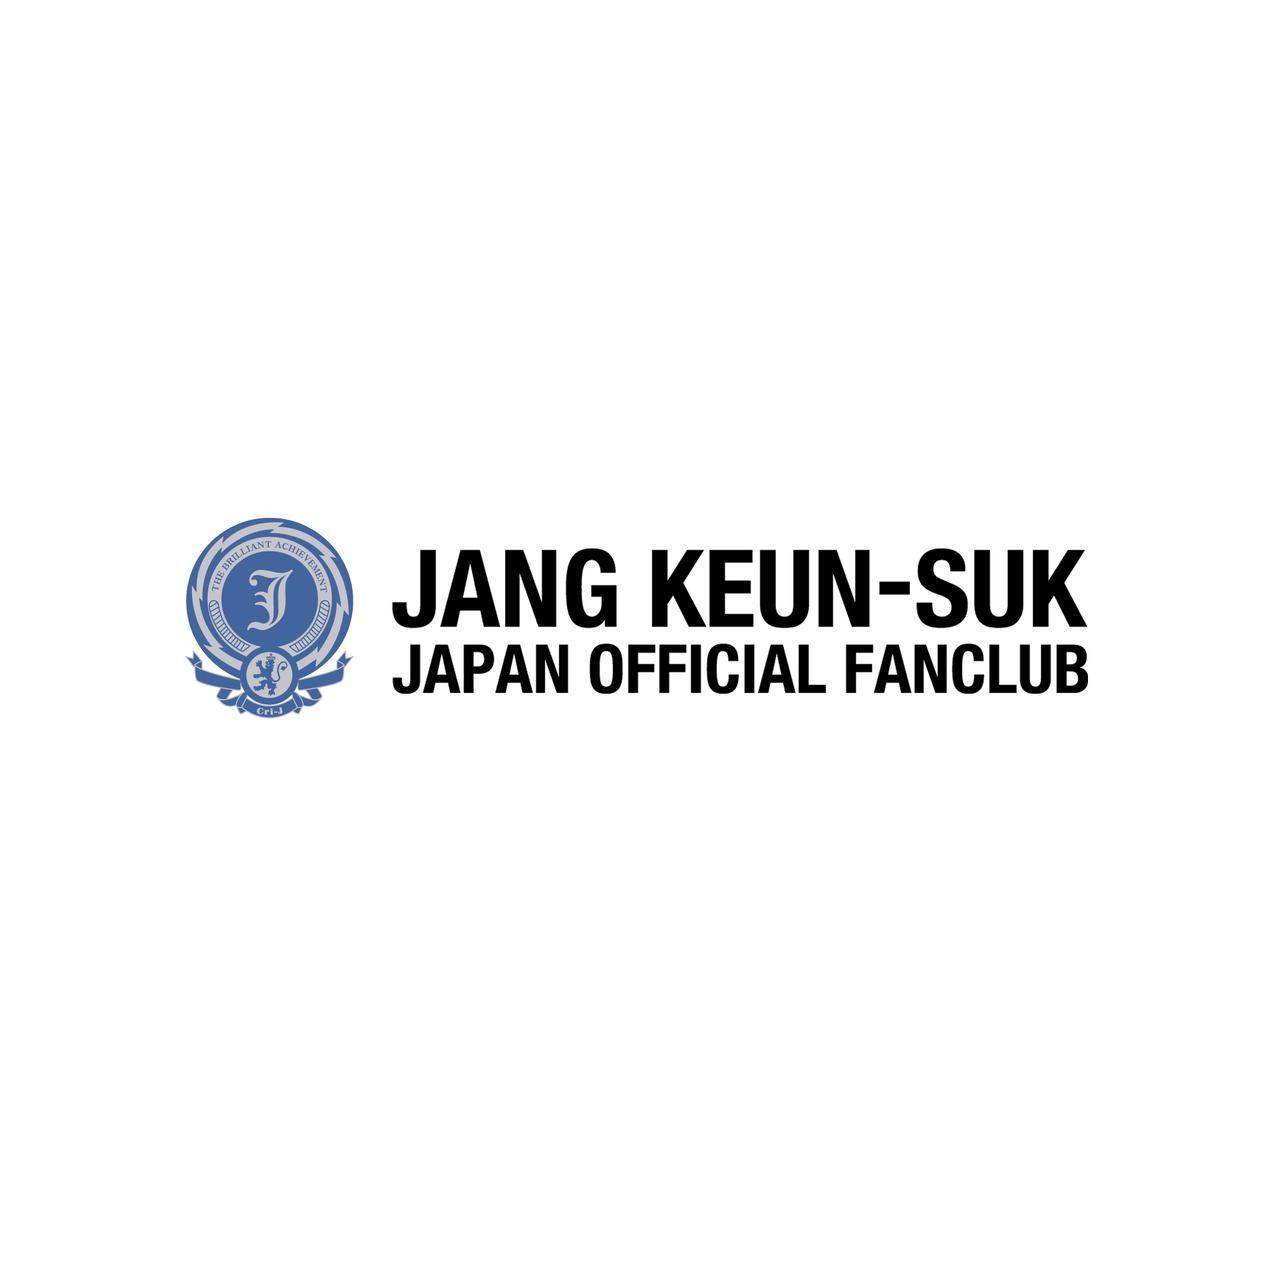 画像: JANG KEUN-SUK JAPAN OFFICIAL WEBSITE | チャン・グンソク ジャパン オフィシャルウェブサイト